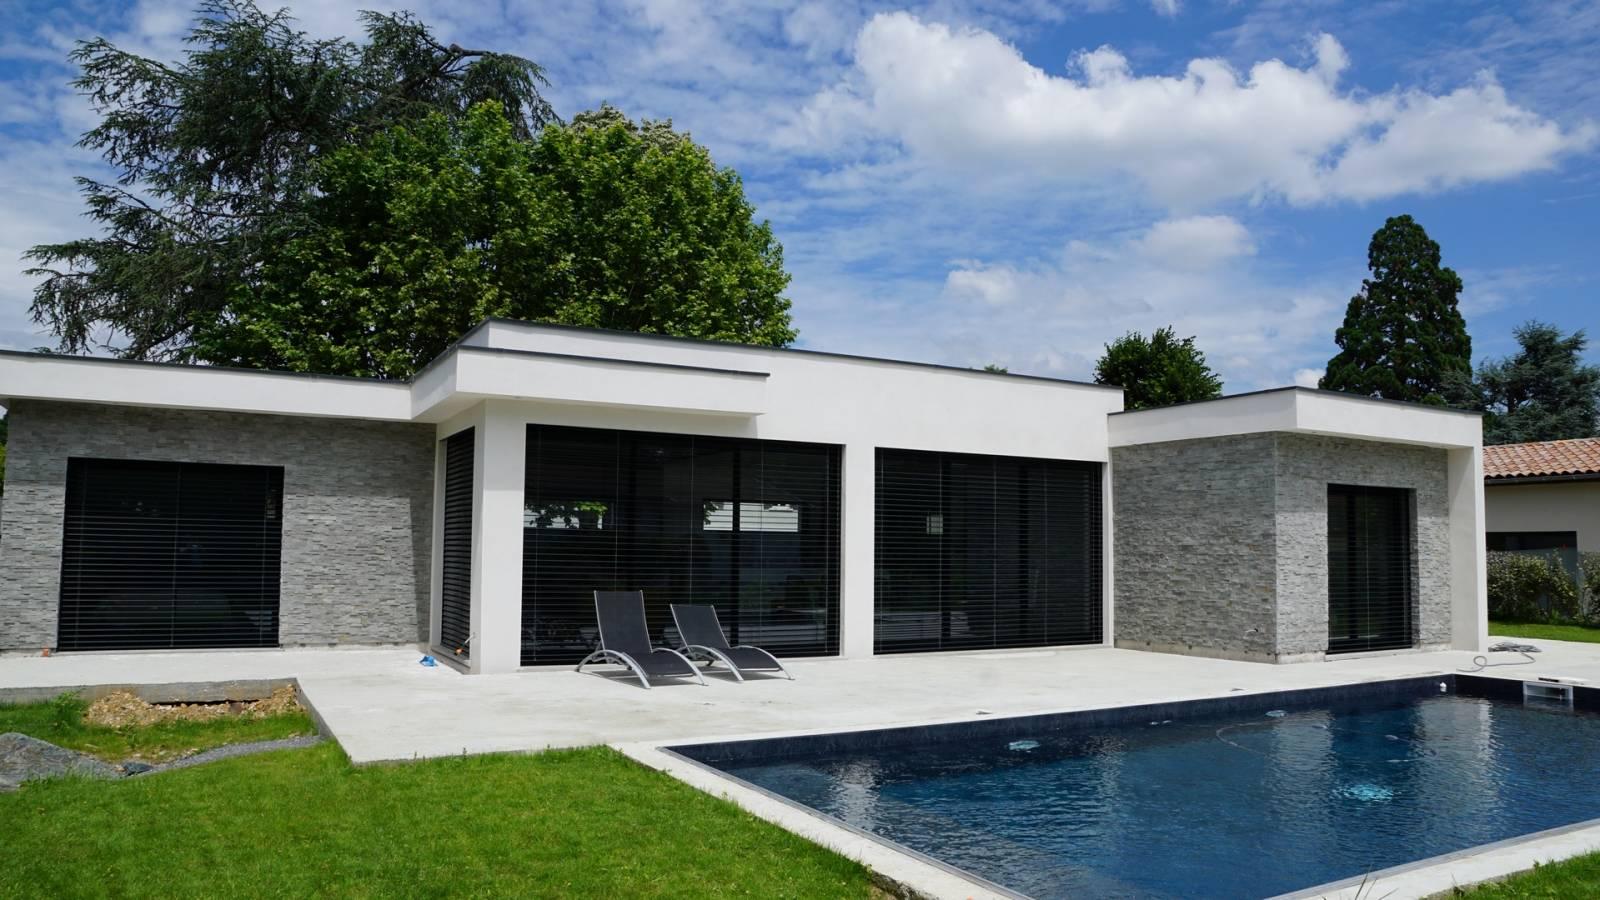 Constructeur maison haut de gamme portes de lyon construction de maison sur mesure vers roanne for Maison haut de gamme